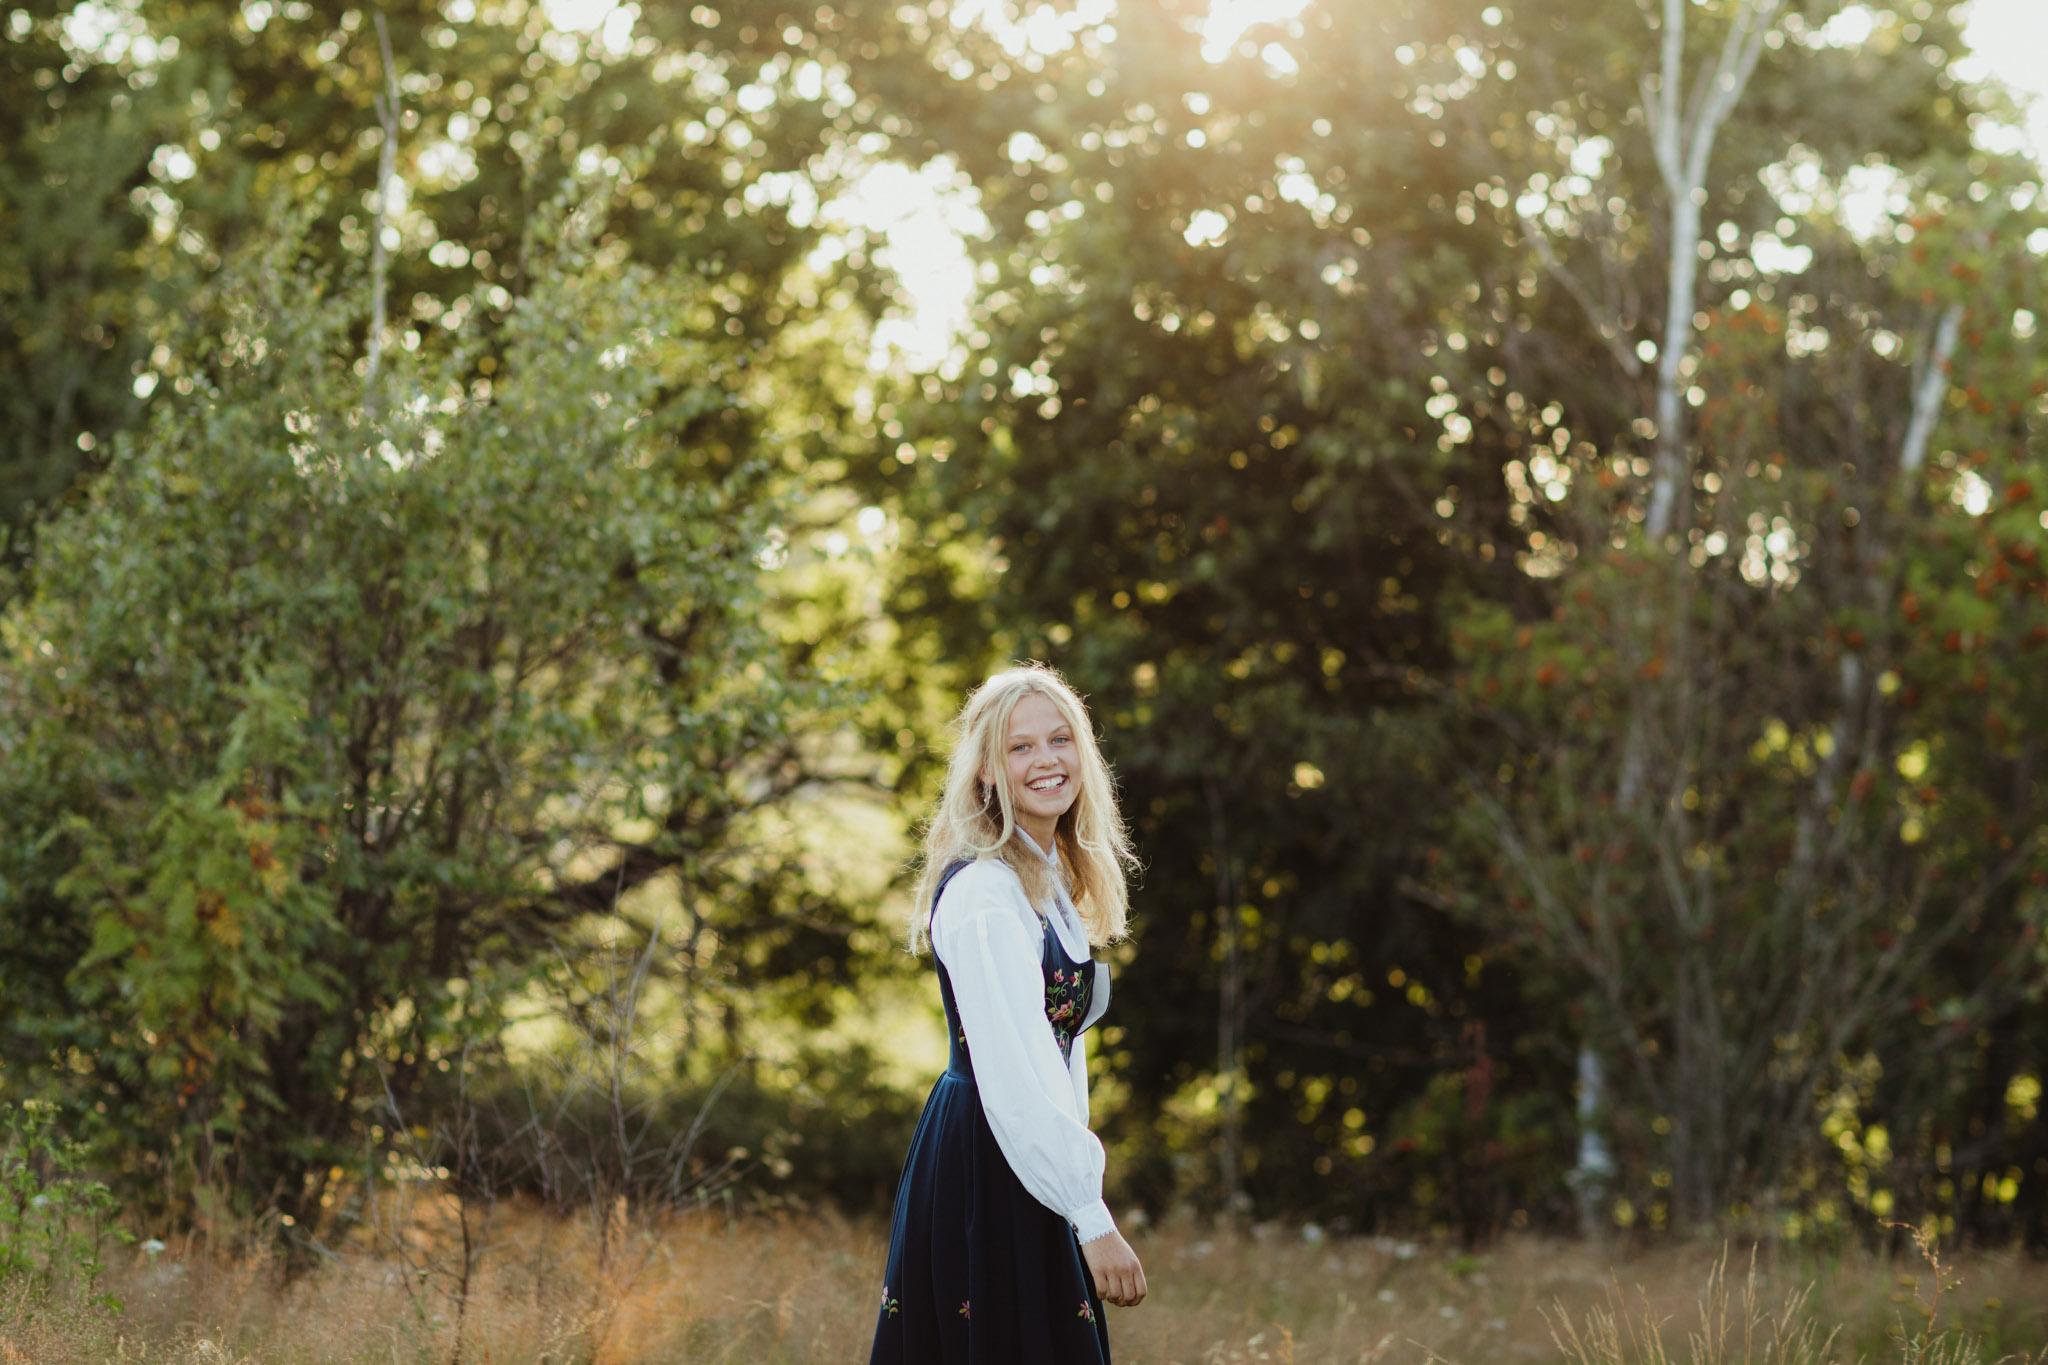 Konfirmasjonsfoto - jente i bunad - Fotograf Ida Hvattum